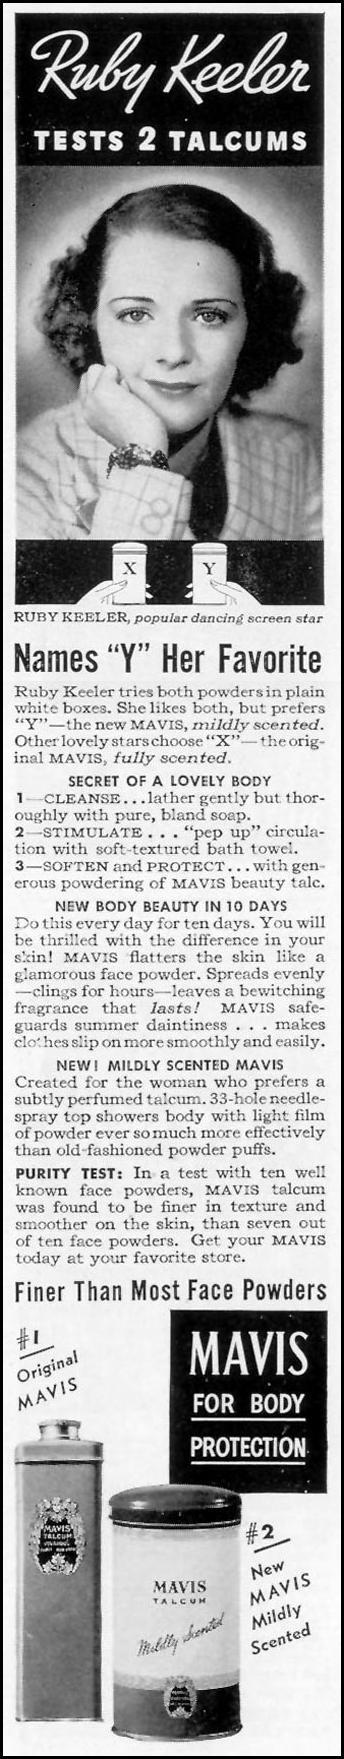 MAVIS TALCUM LIFE 08/30/1937 p. 6